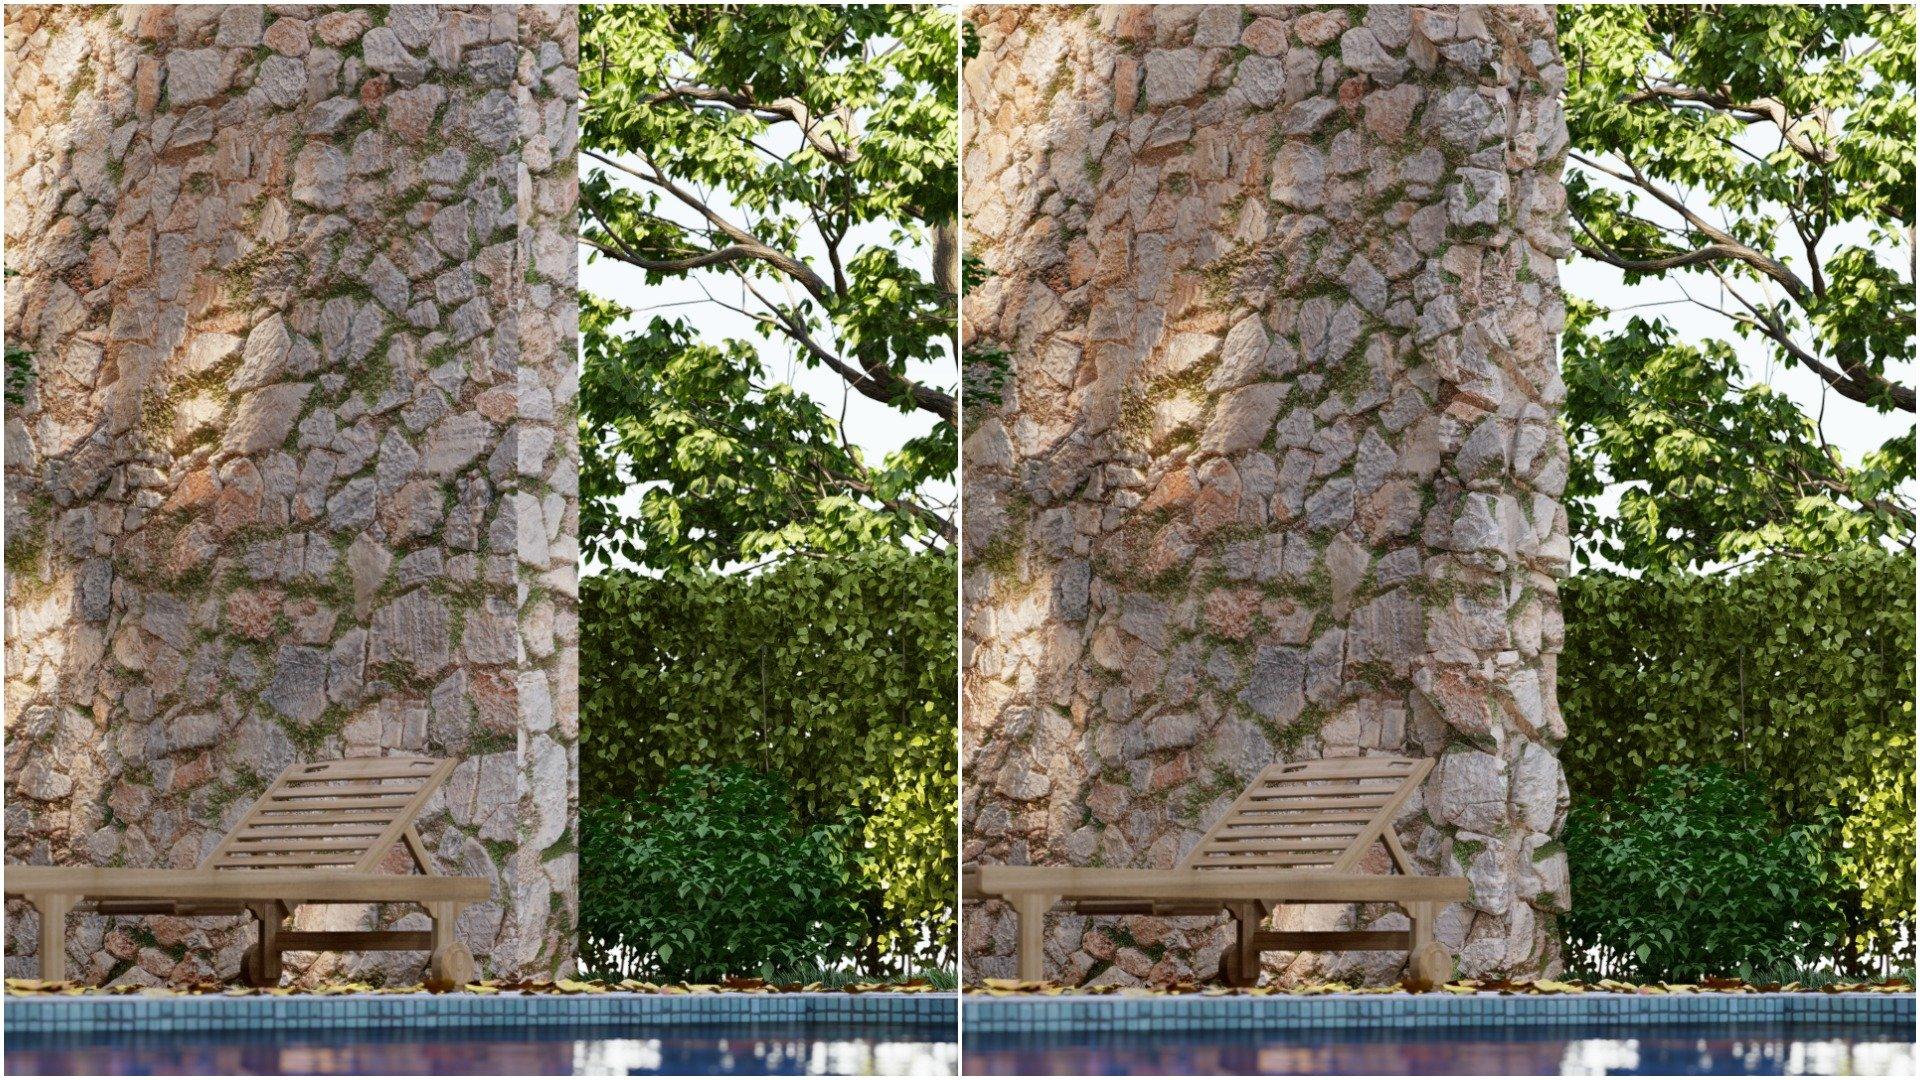 Diferencias con muro modelado y sin modelar